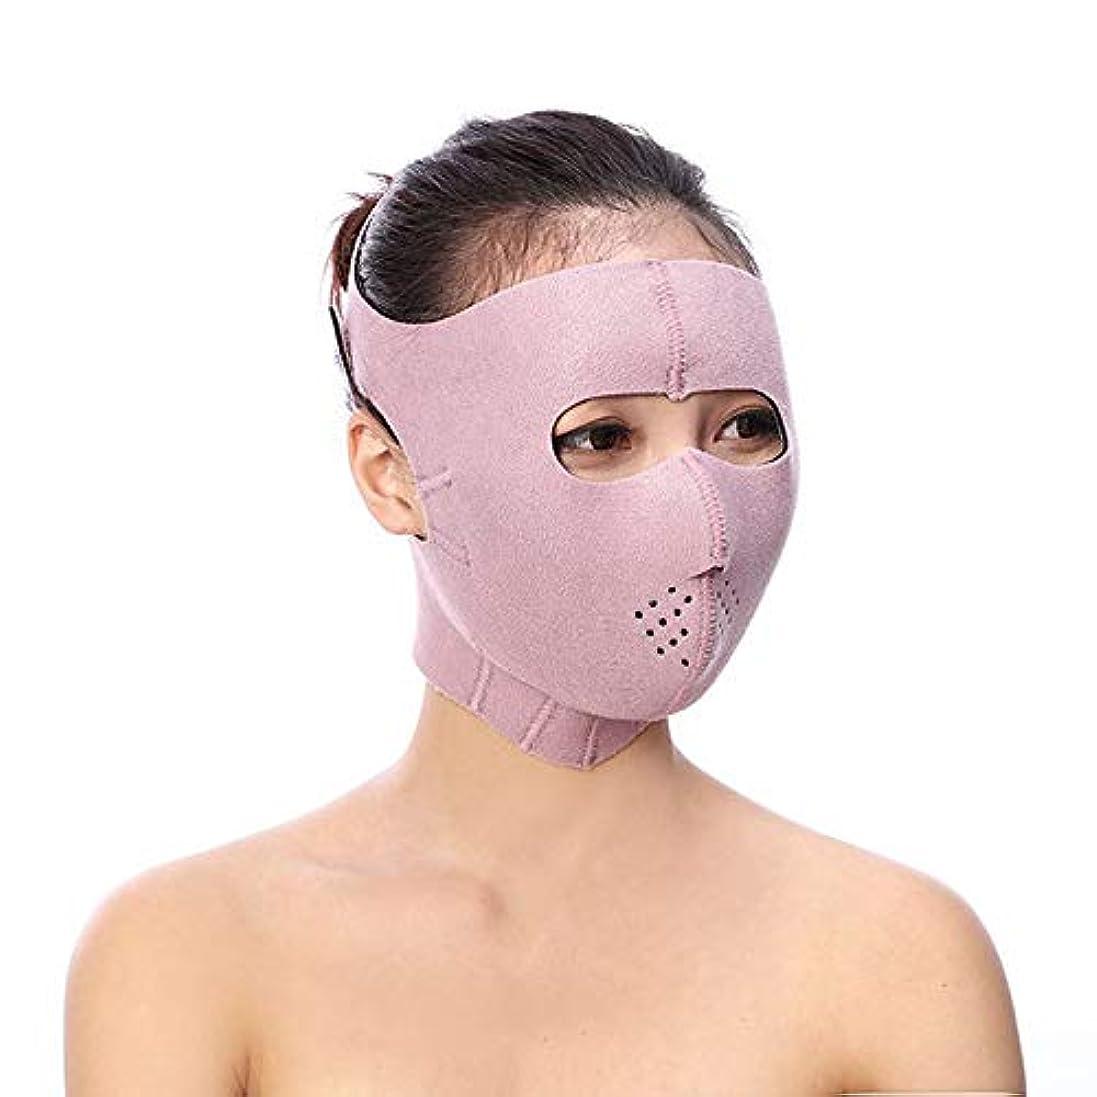 単なる津波マウスピースGYZ フェイシャルリフティング痩身ベルト - Vフェイス包帯マスクフェイシャルマッサージャー無料の薄いフェイス包帯整形マスクを引き締める顔と首の顔スリム Thin Face Belt